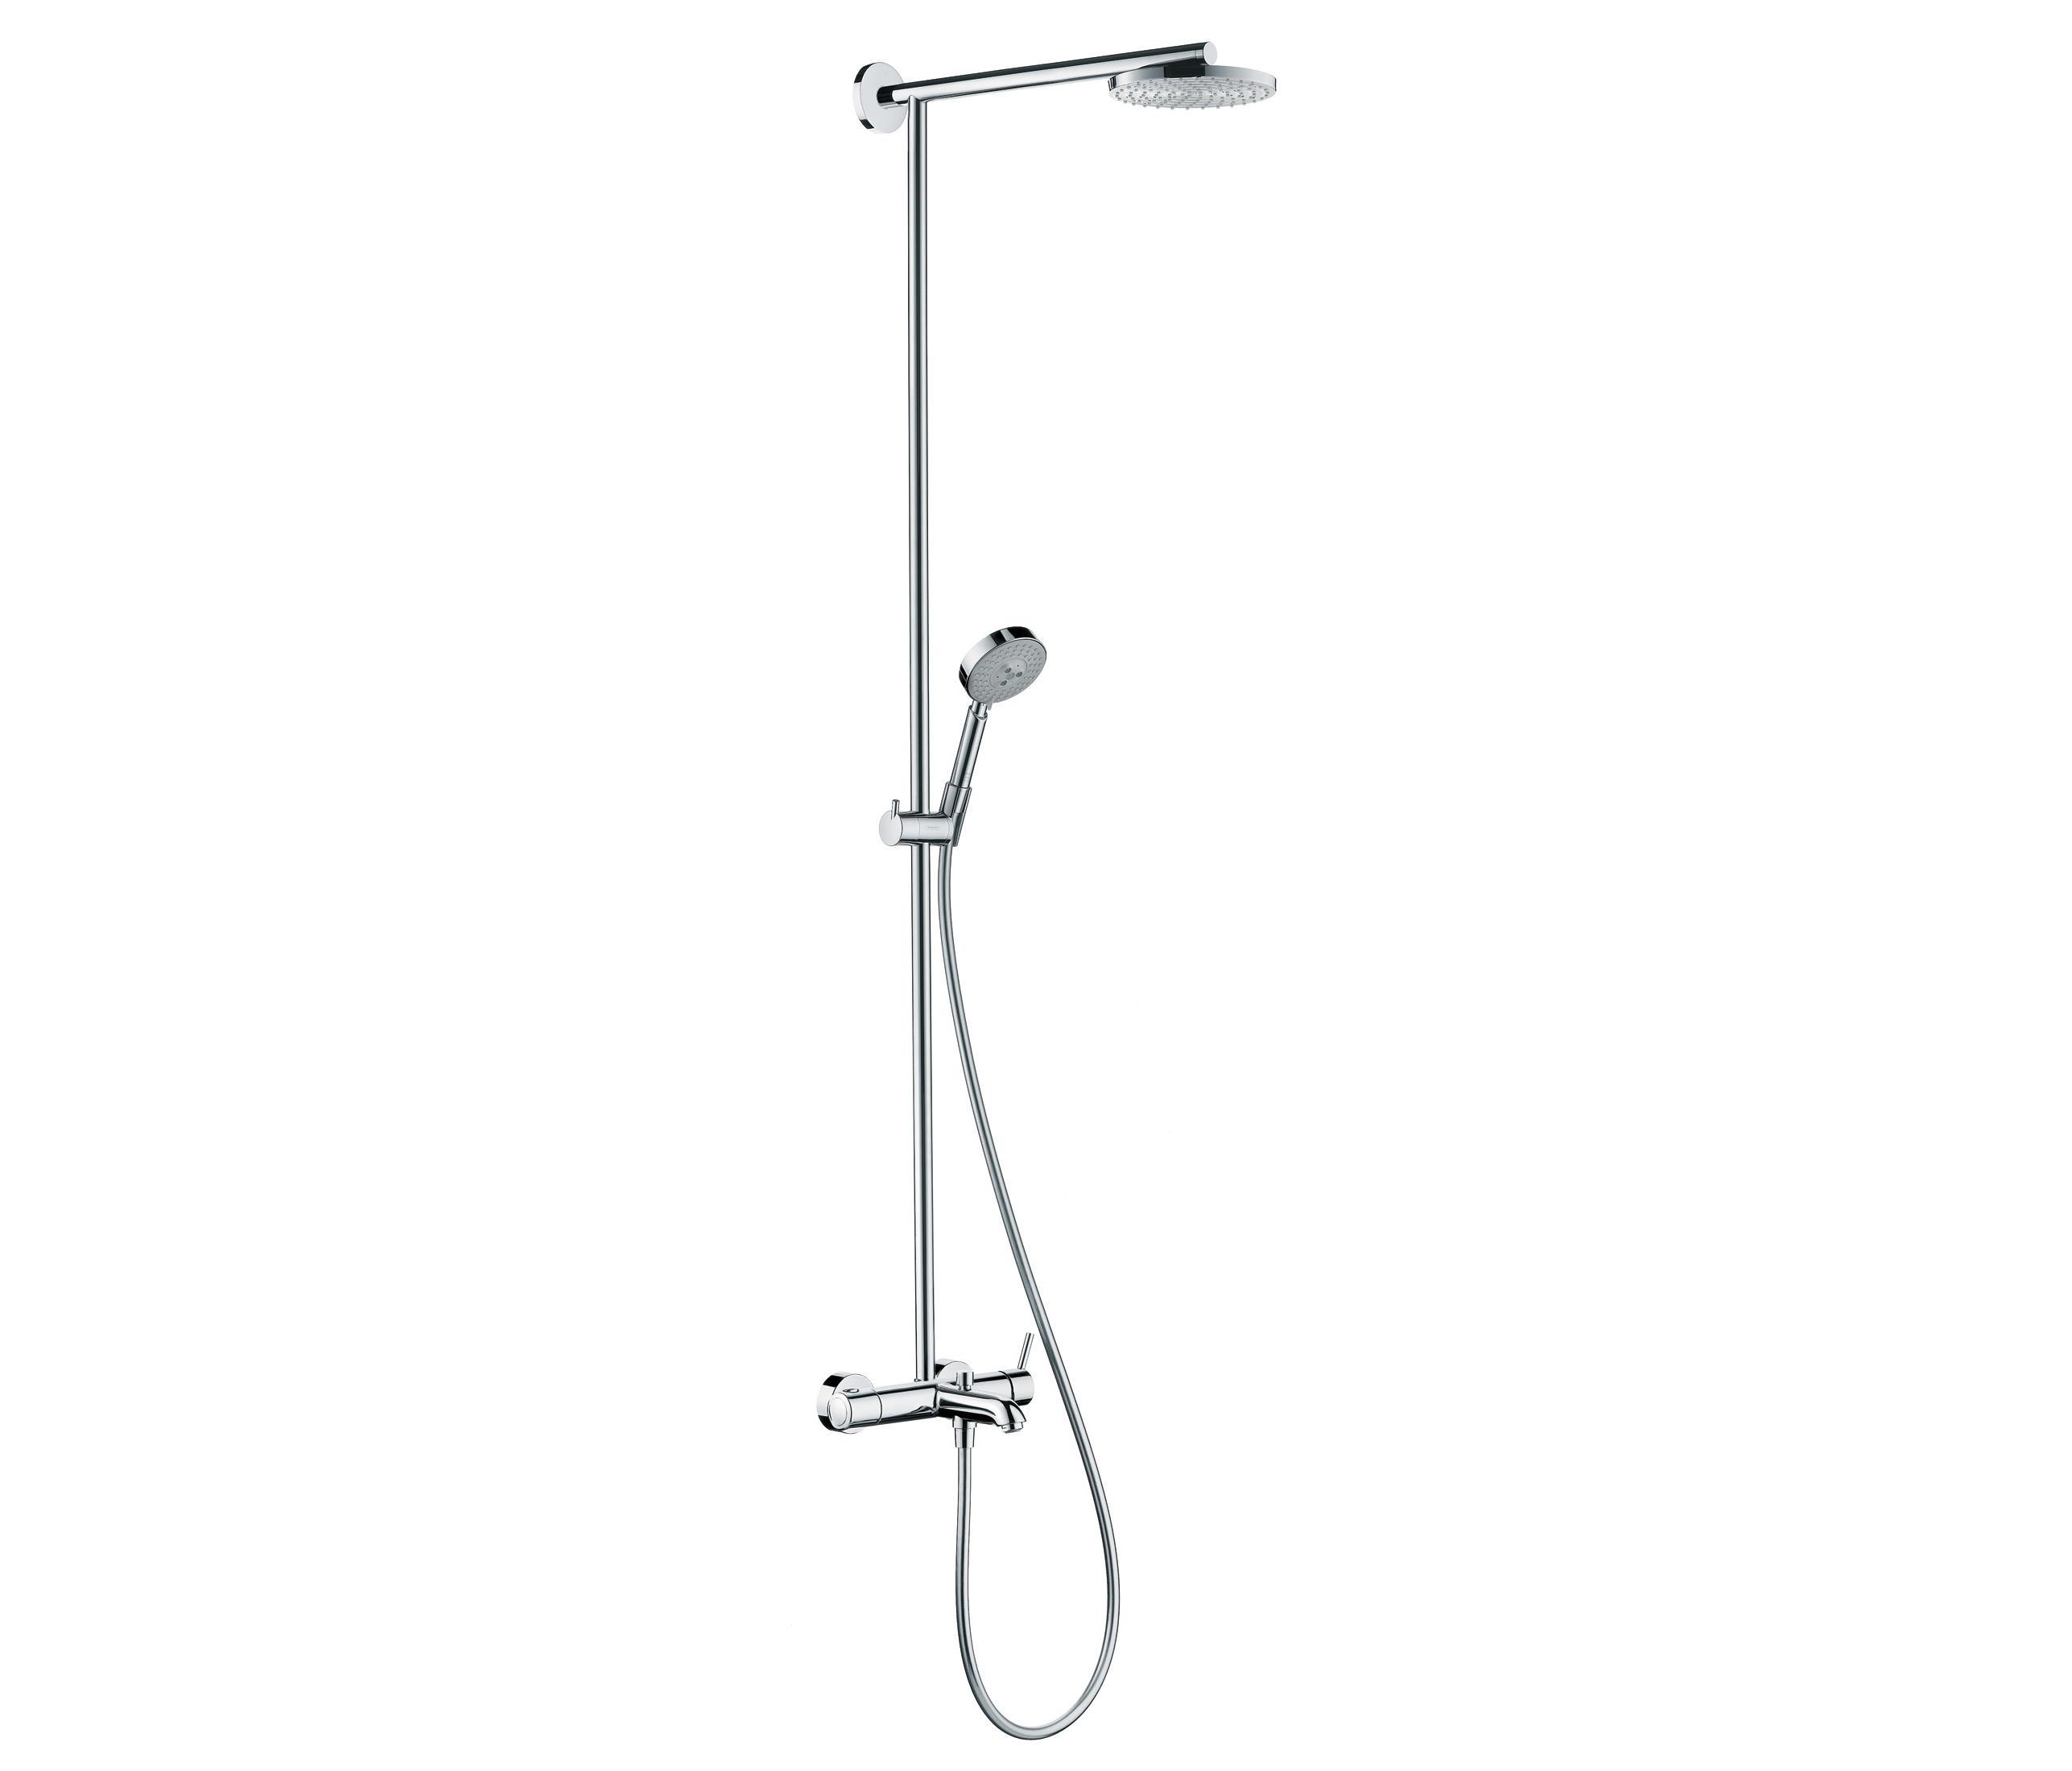 Hansgrohe raindance s 180 air showerpipe ecosmart for Duchas hansgrohe